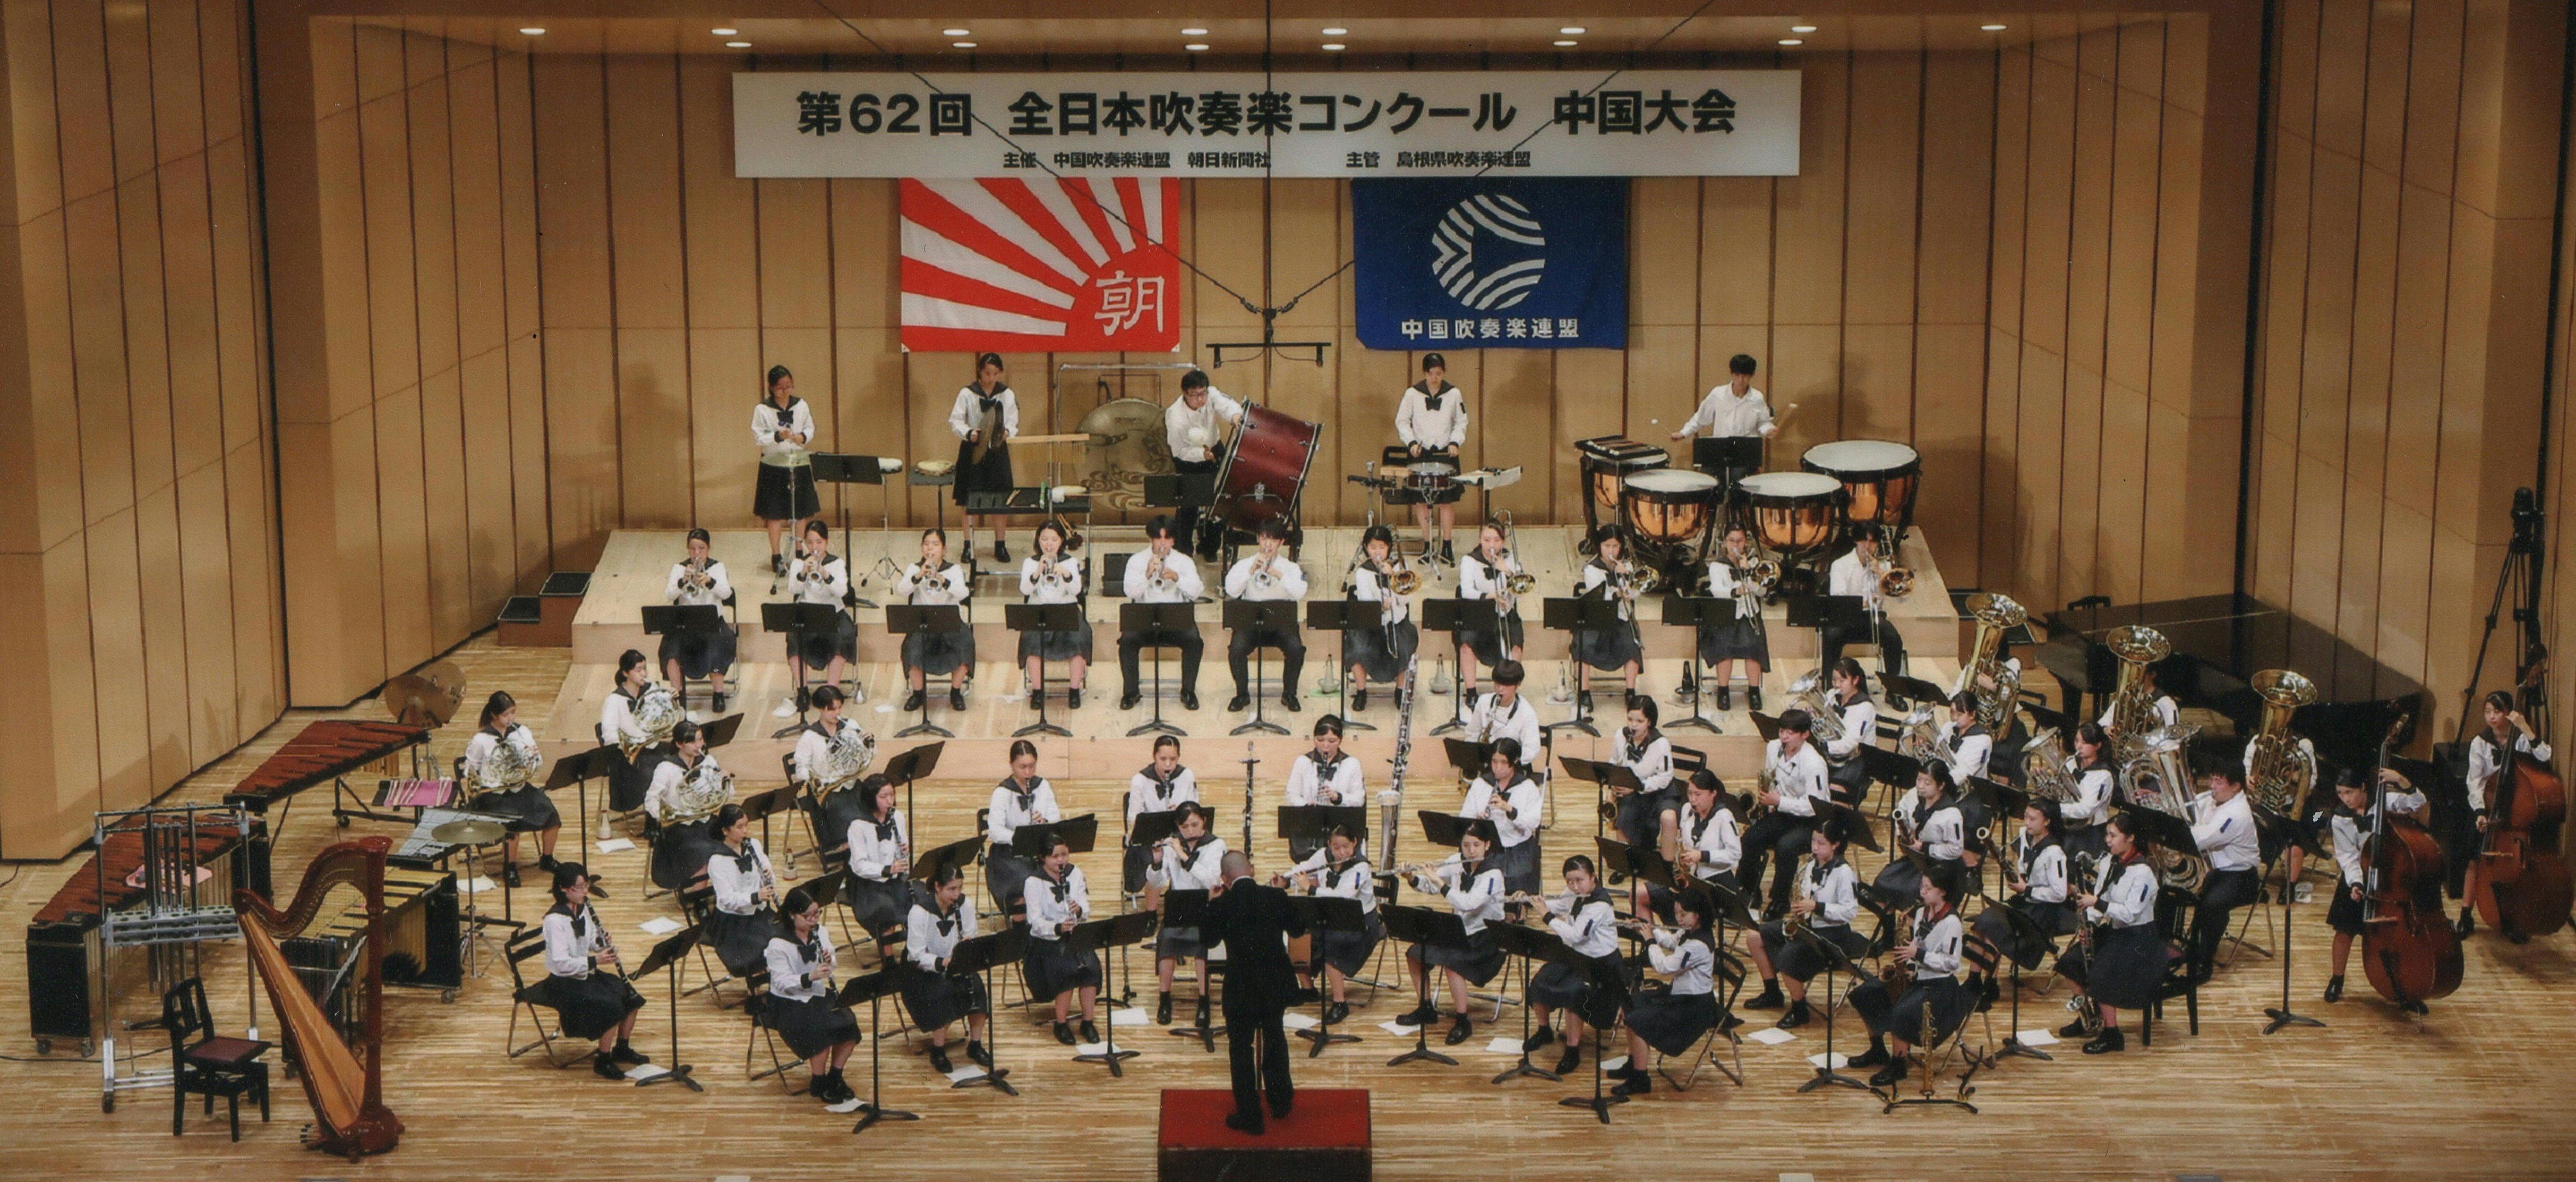 吹奏楽:中国大会36年連続出場を果たす!